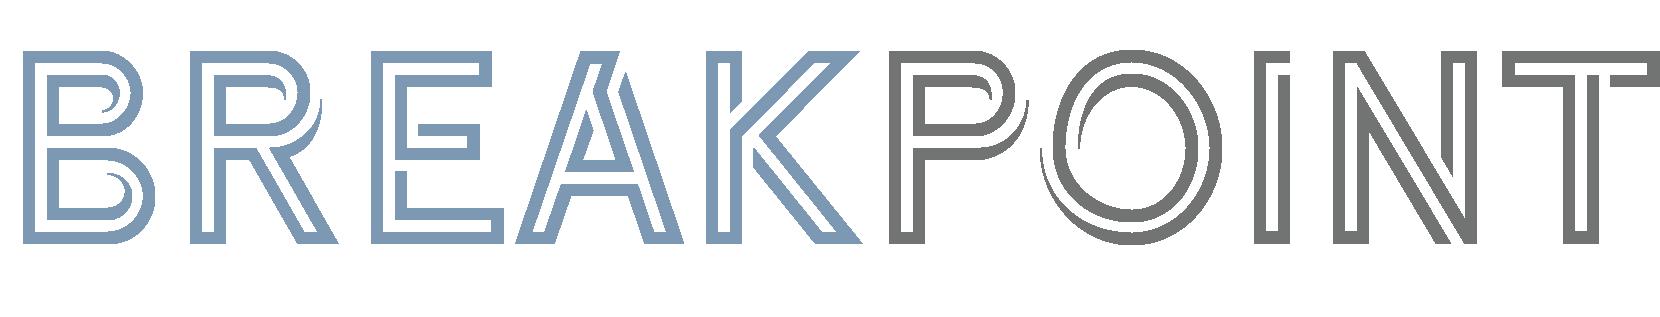 Breakpoint Medien Logo